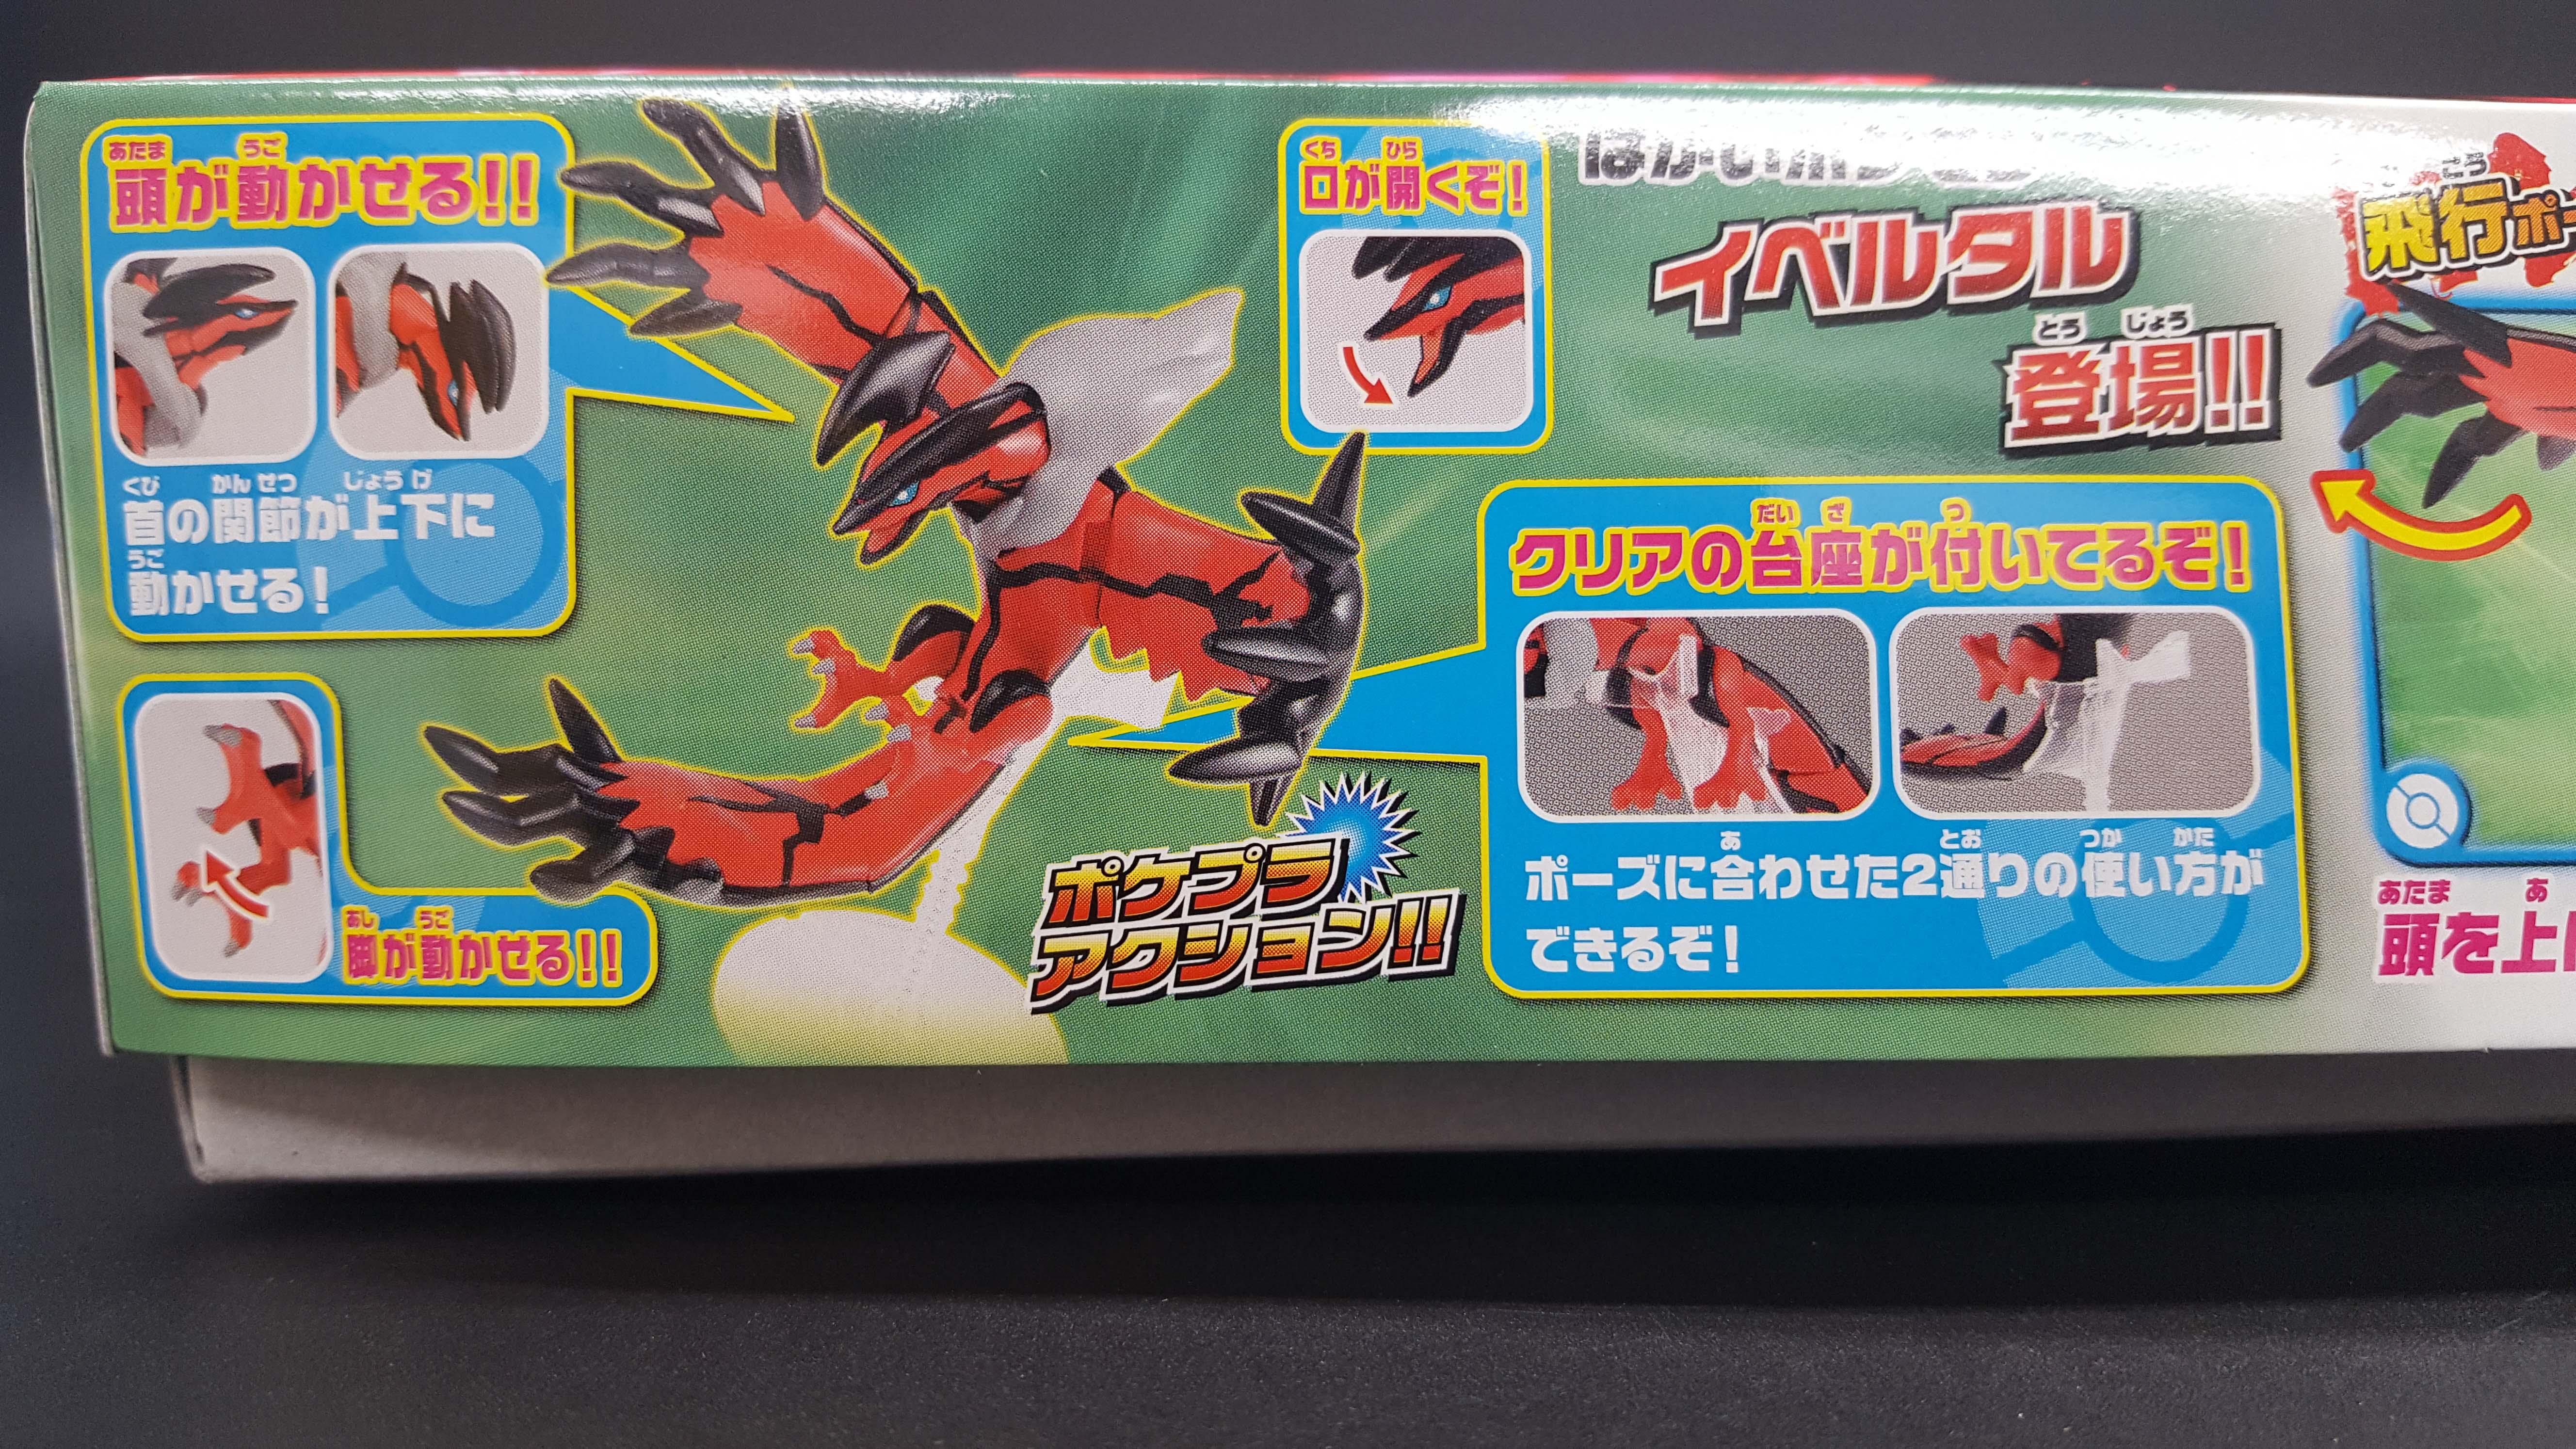 Pocket Monster Plamo Yveltal